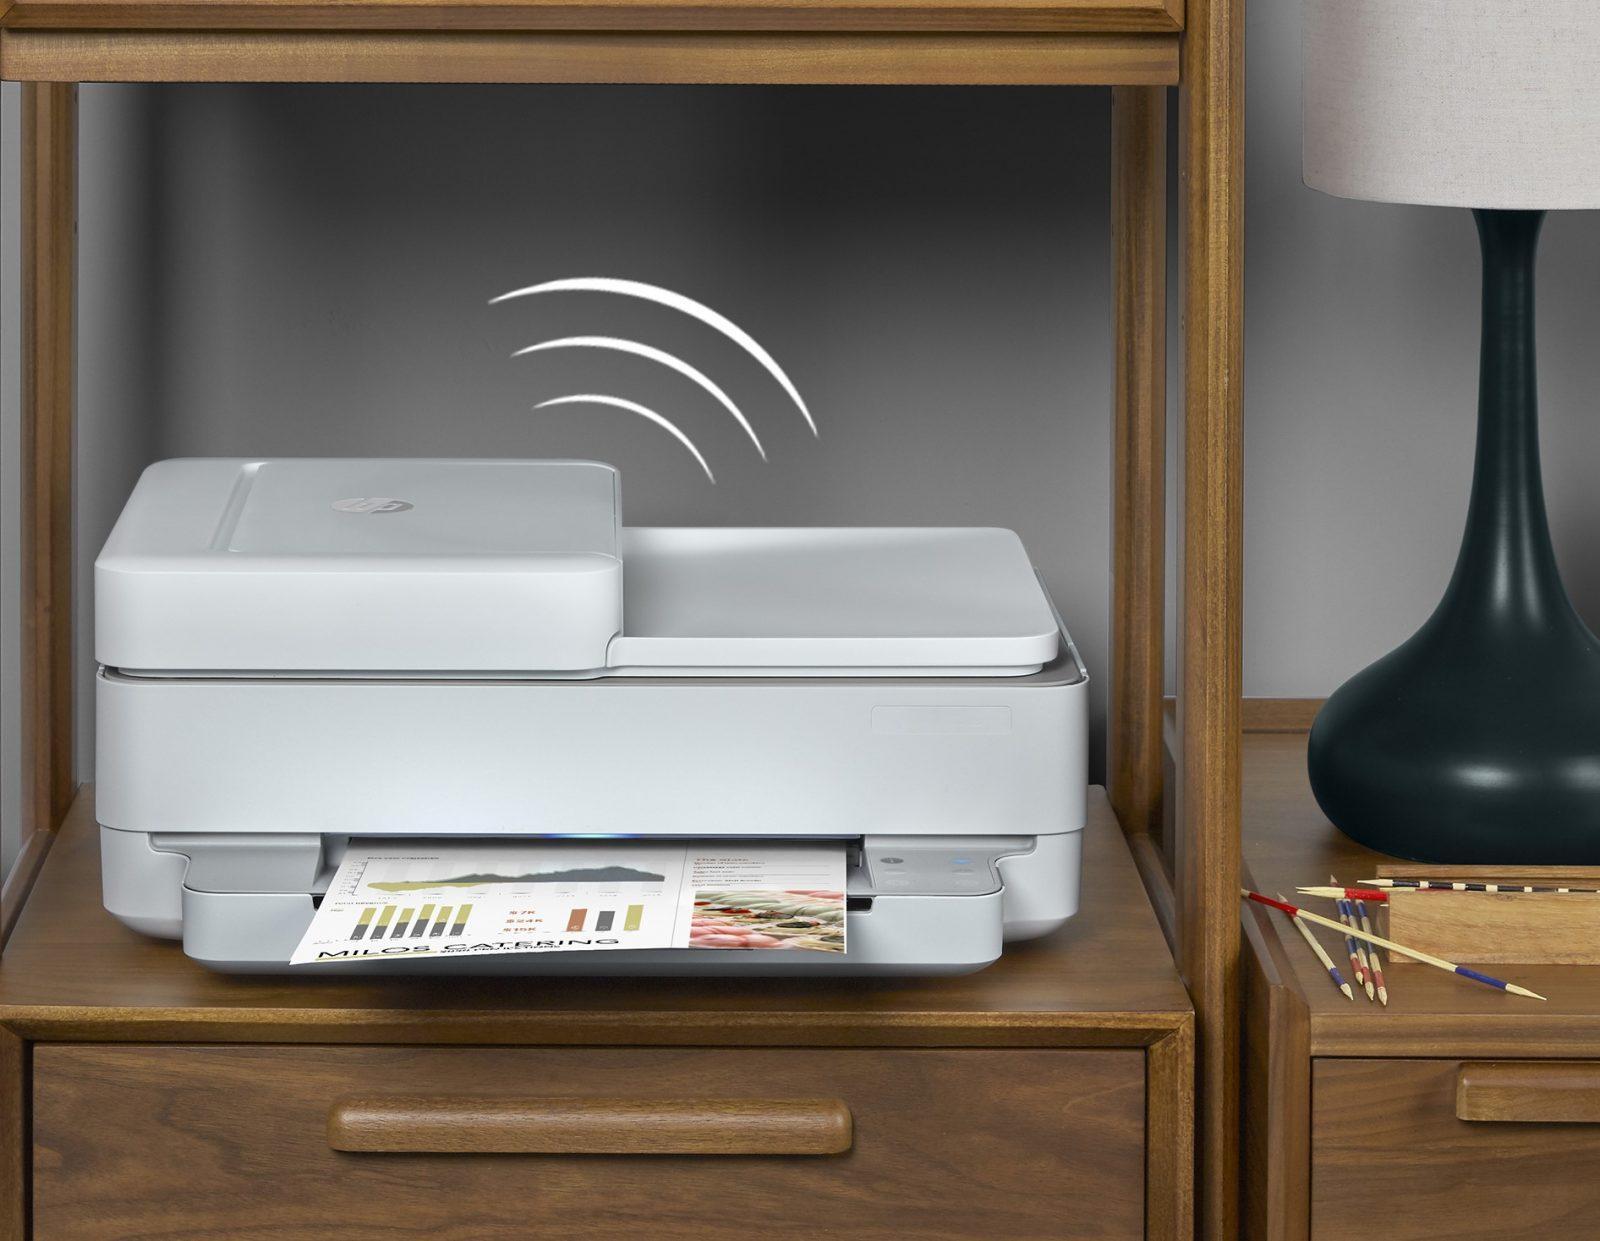 Что купить: ТОП-5 гаджетов для дома (HP DeskJet Plus IA 6475 Hot Button Dynamic 02 hu)